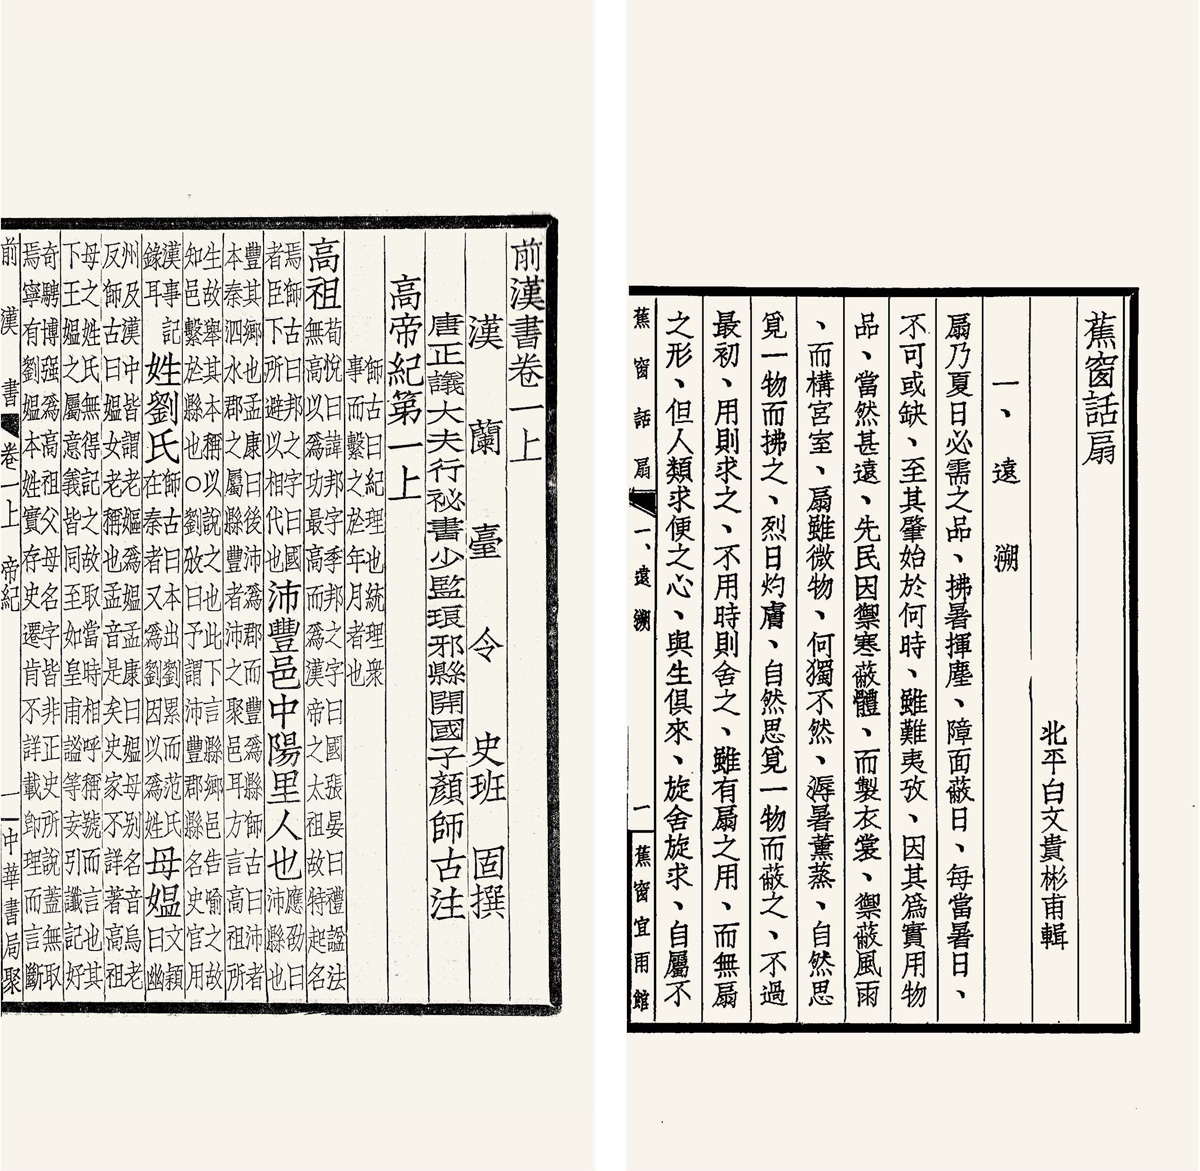 中华书局的「聚珍仿宋」;右:文岚簃的「仿古宋体」